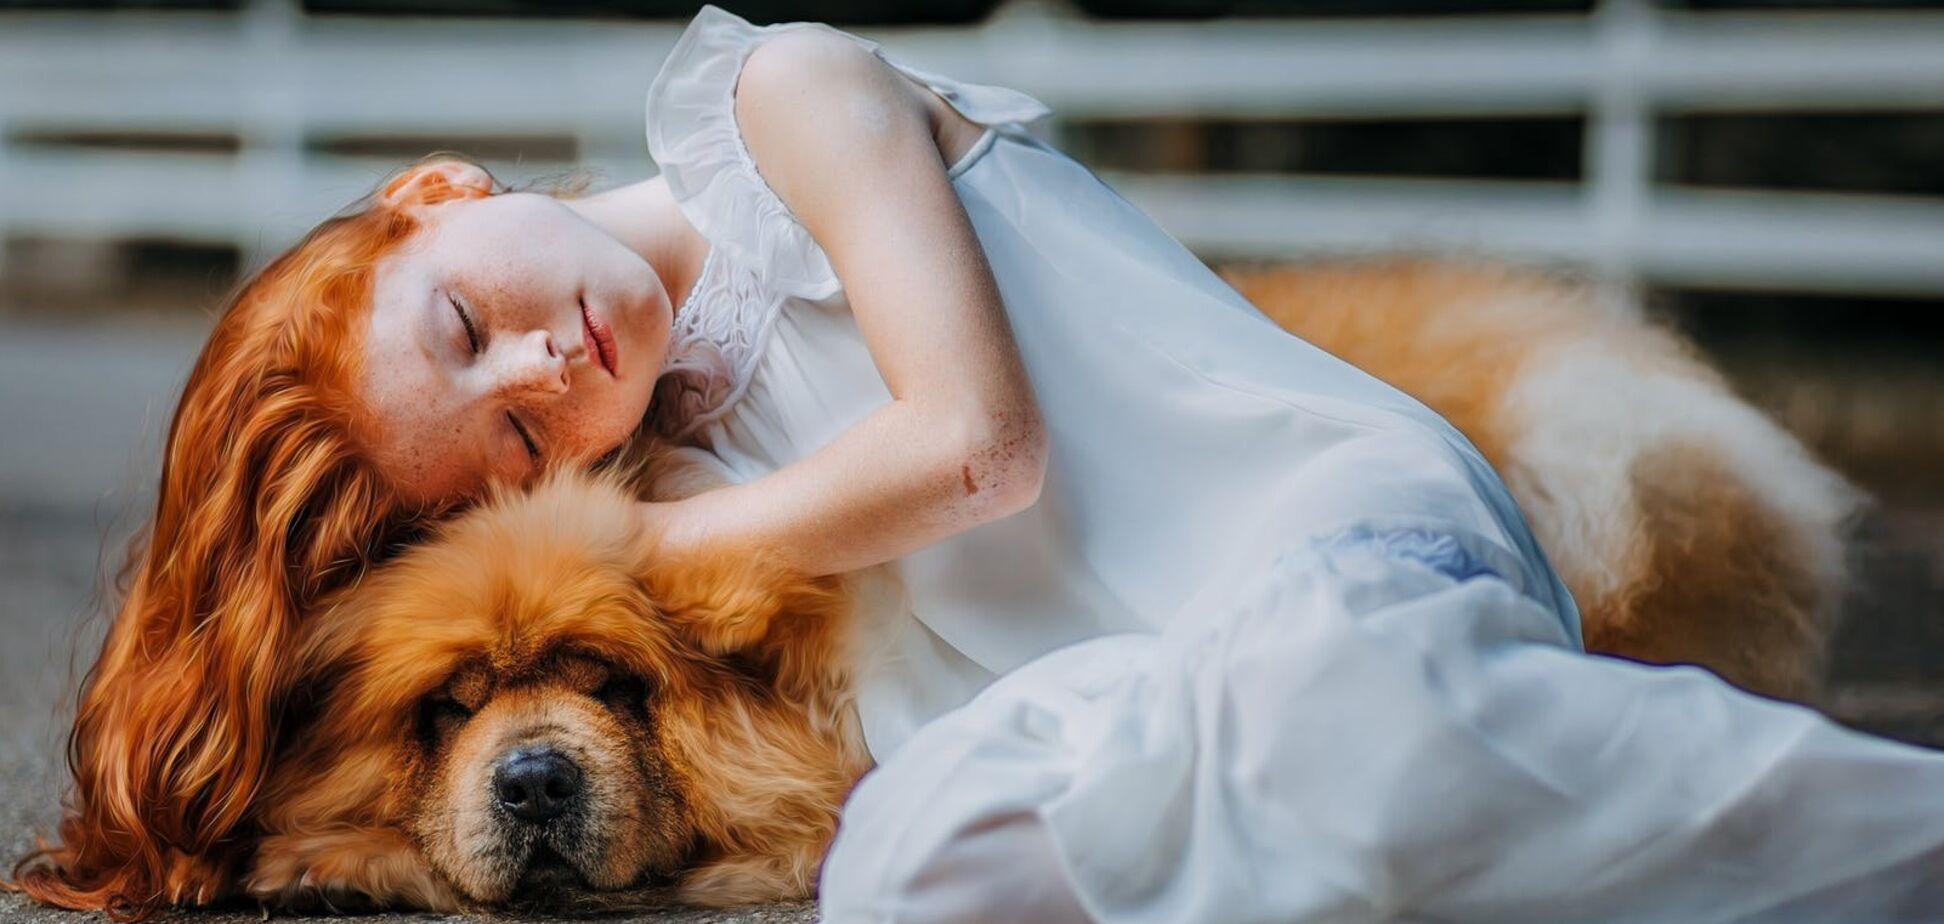 Діти і тварини: як побудувати здорові стосунки